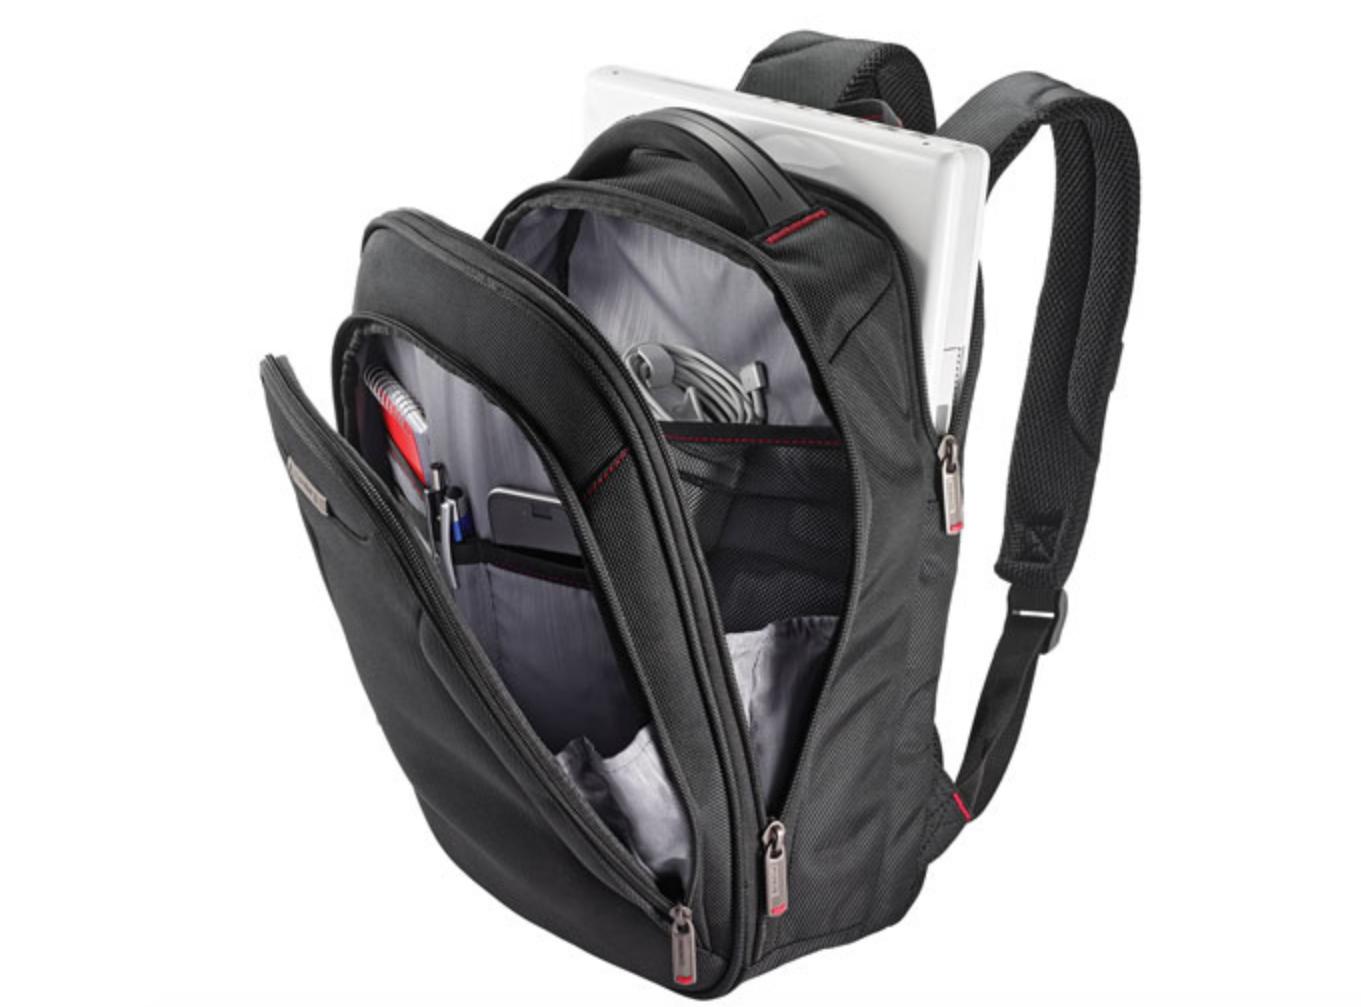 commuter backpacks double duty